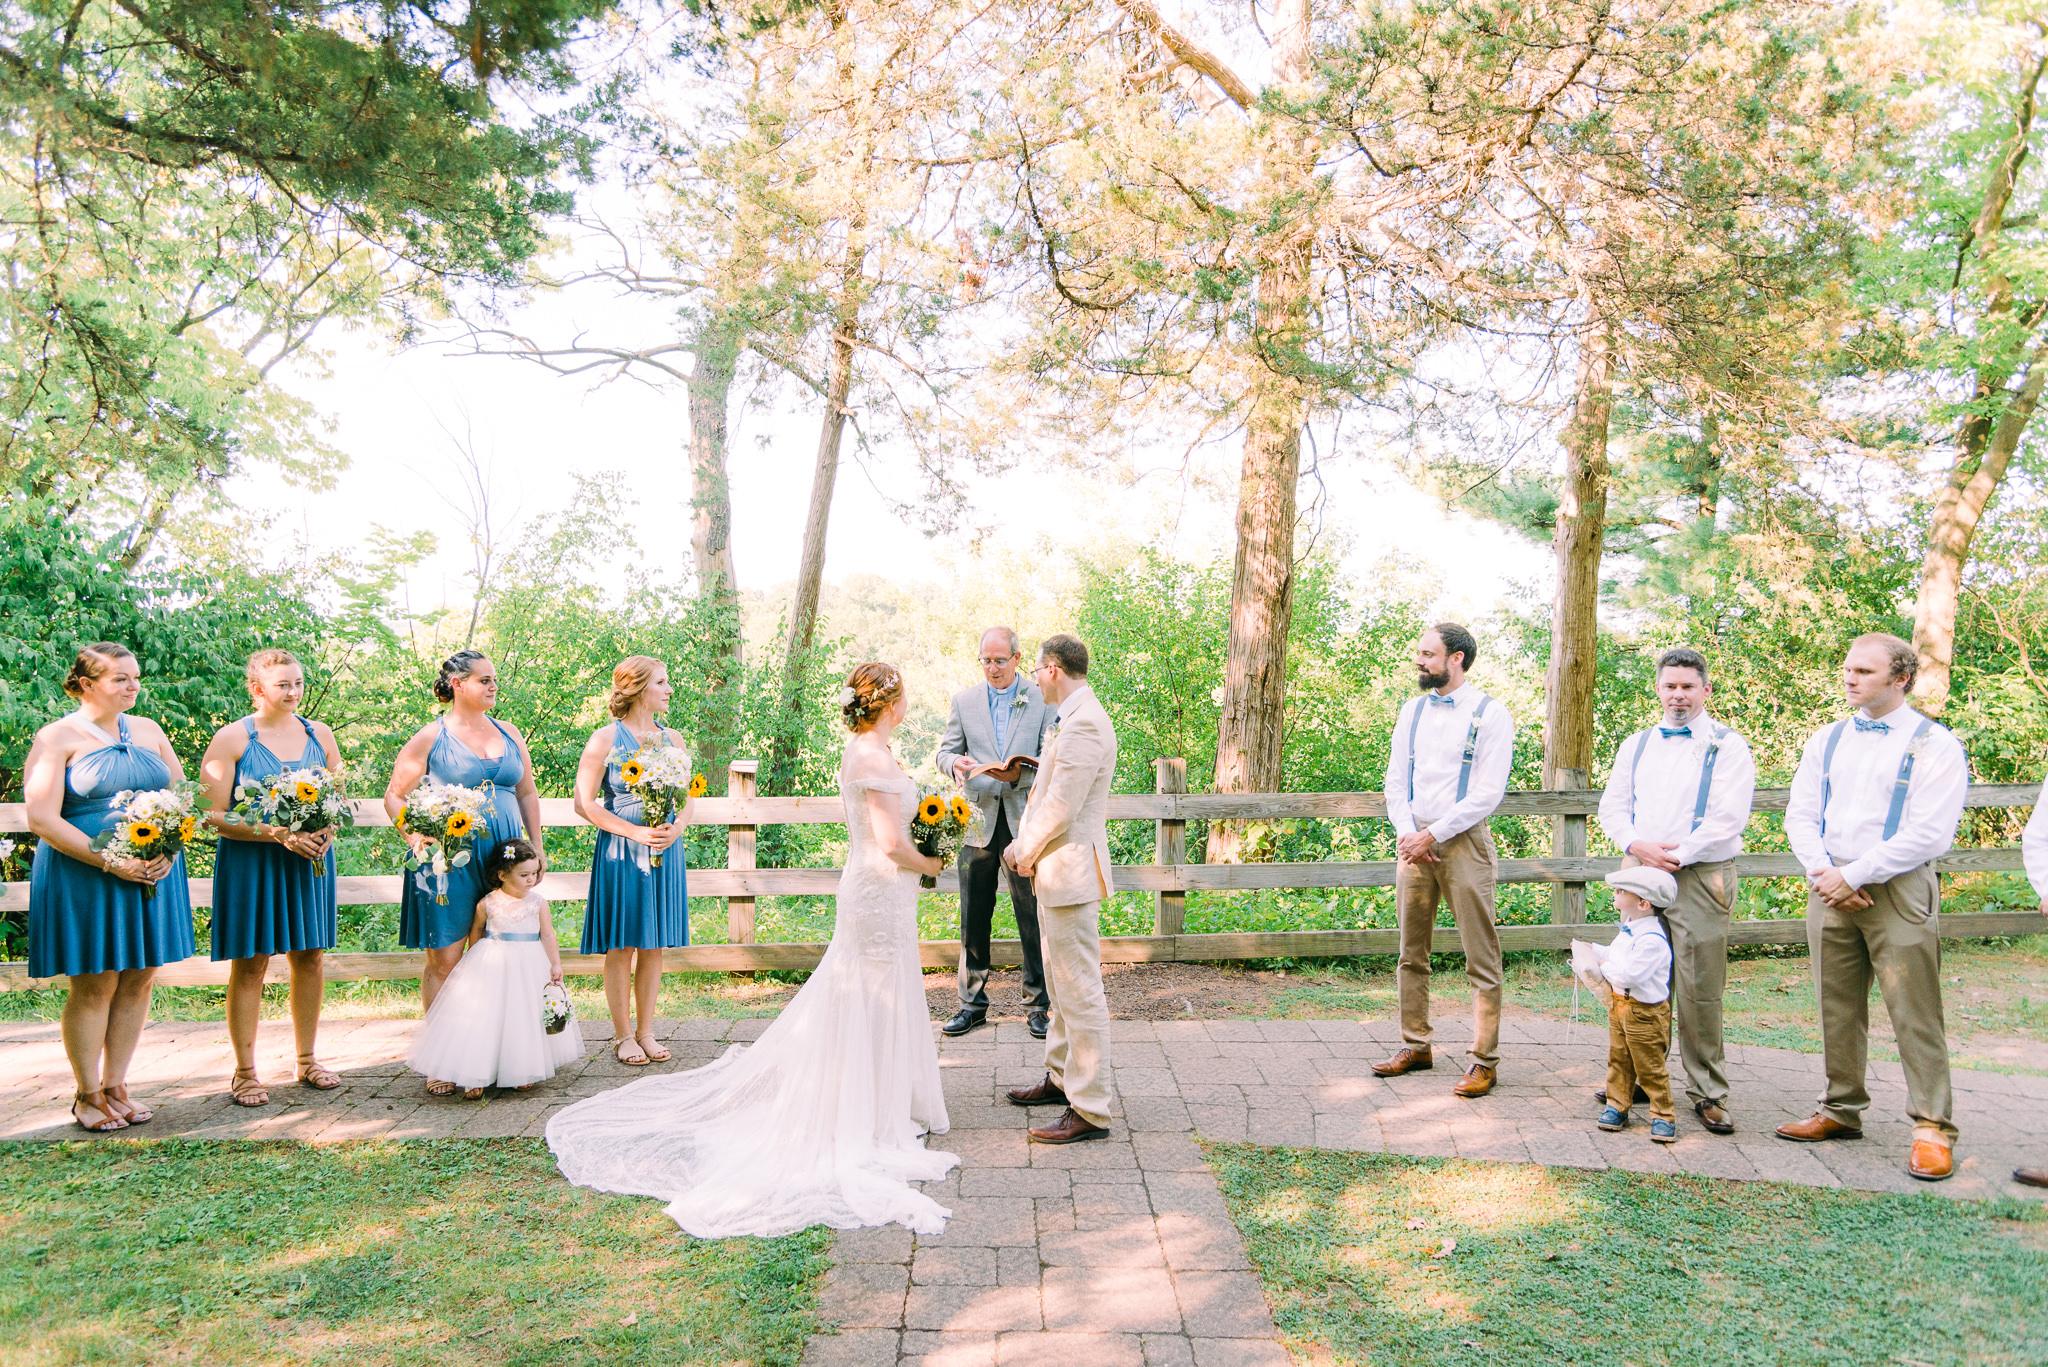 Sean-Ann-Wedding-Starved-Rock-State-Park-IL-2020-436